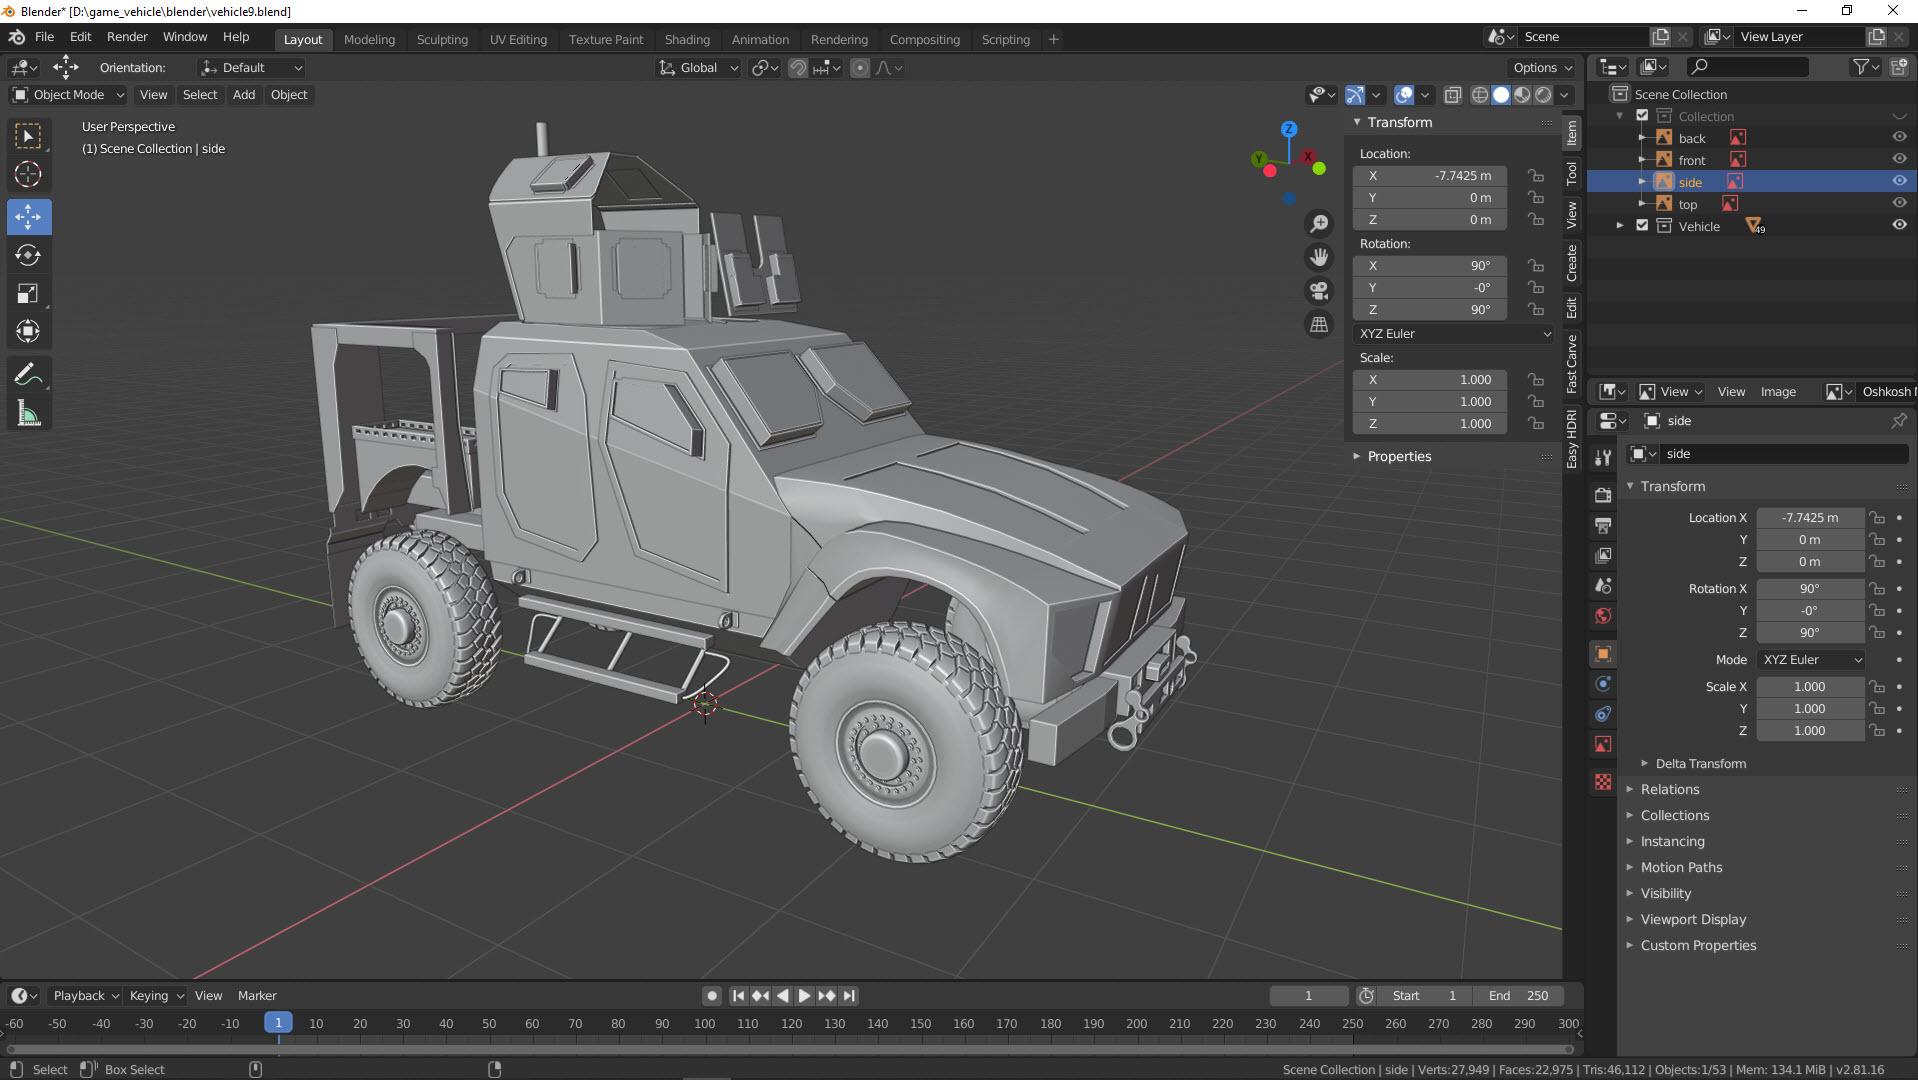 Fahrzeug für Gamer